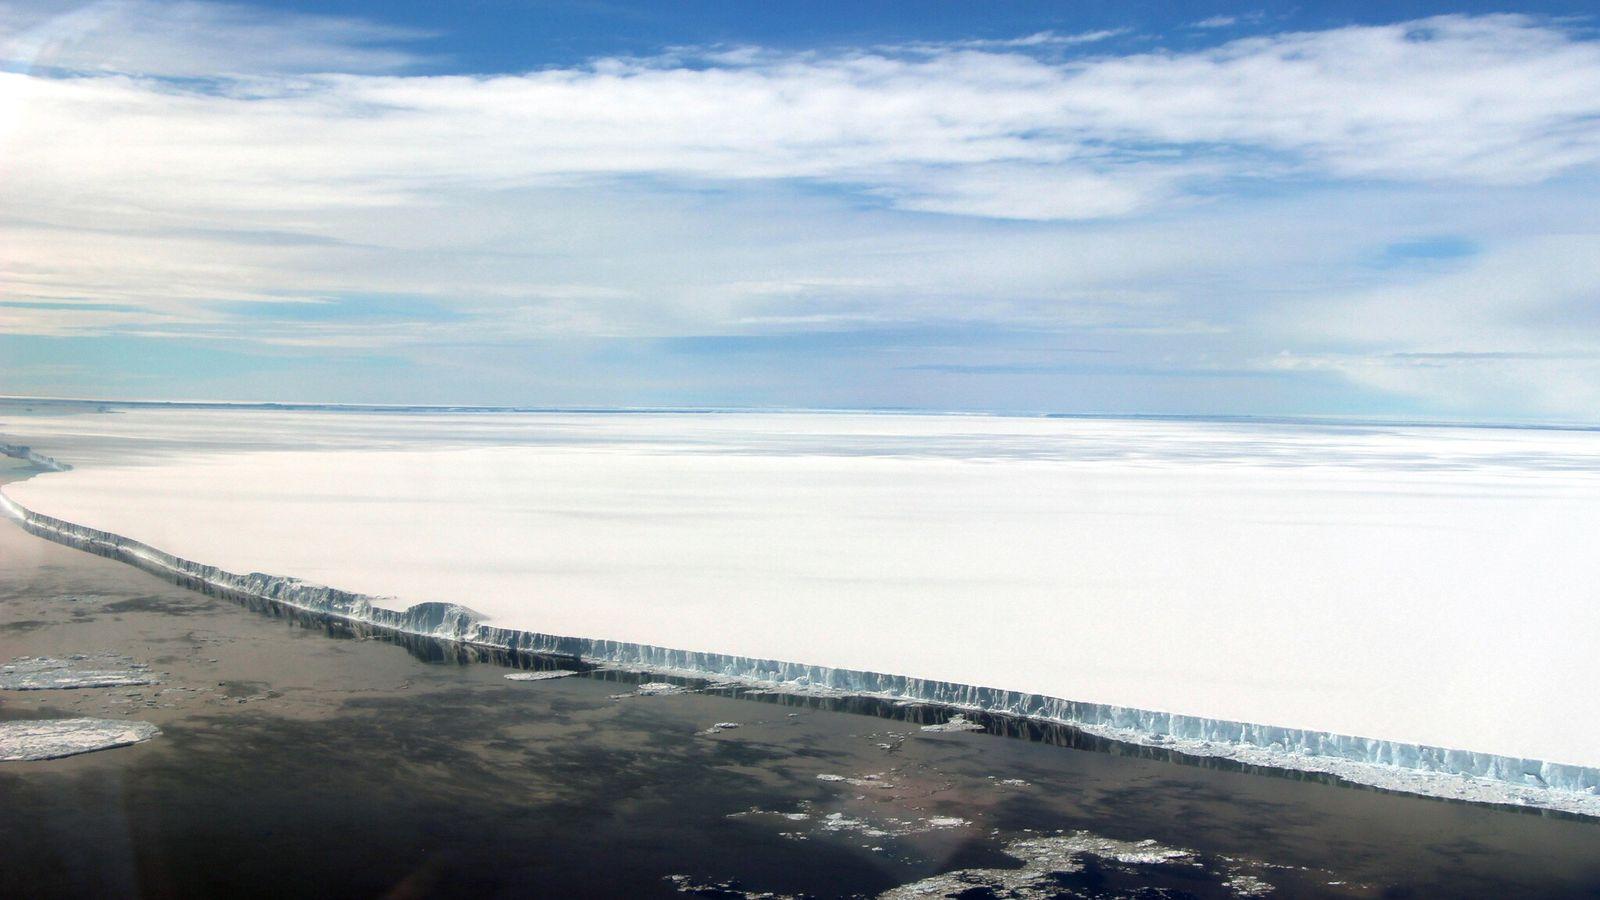 A68 s'est séparé du segment Larsen C de la barrière de Larsen en juillet 2017. Cette image ...